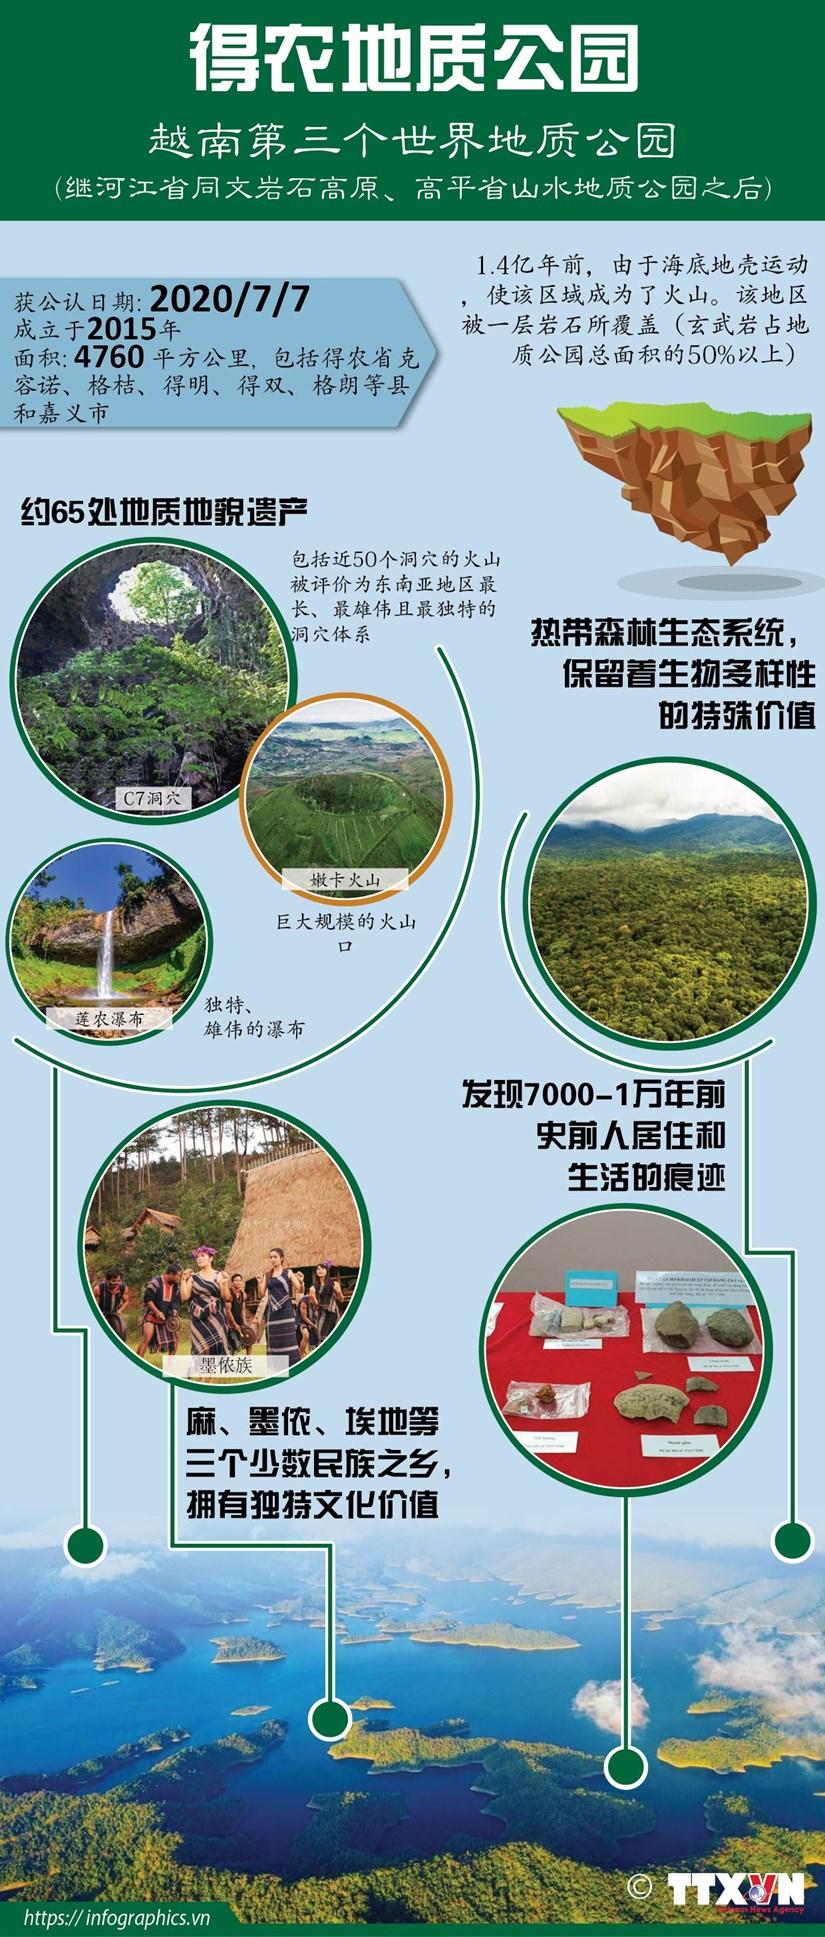 图表新闻:得农地质公园——越南第三个世界地质公园 hinh anh 1